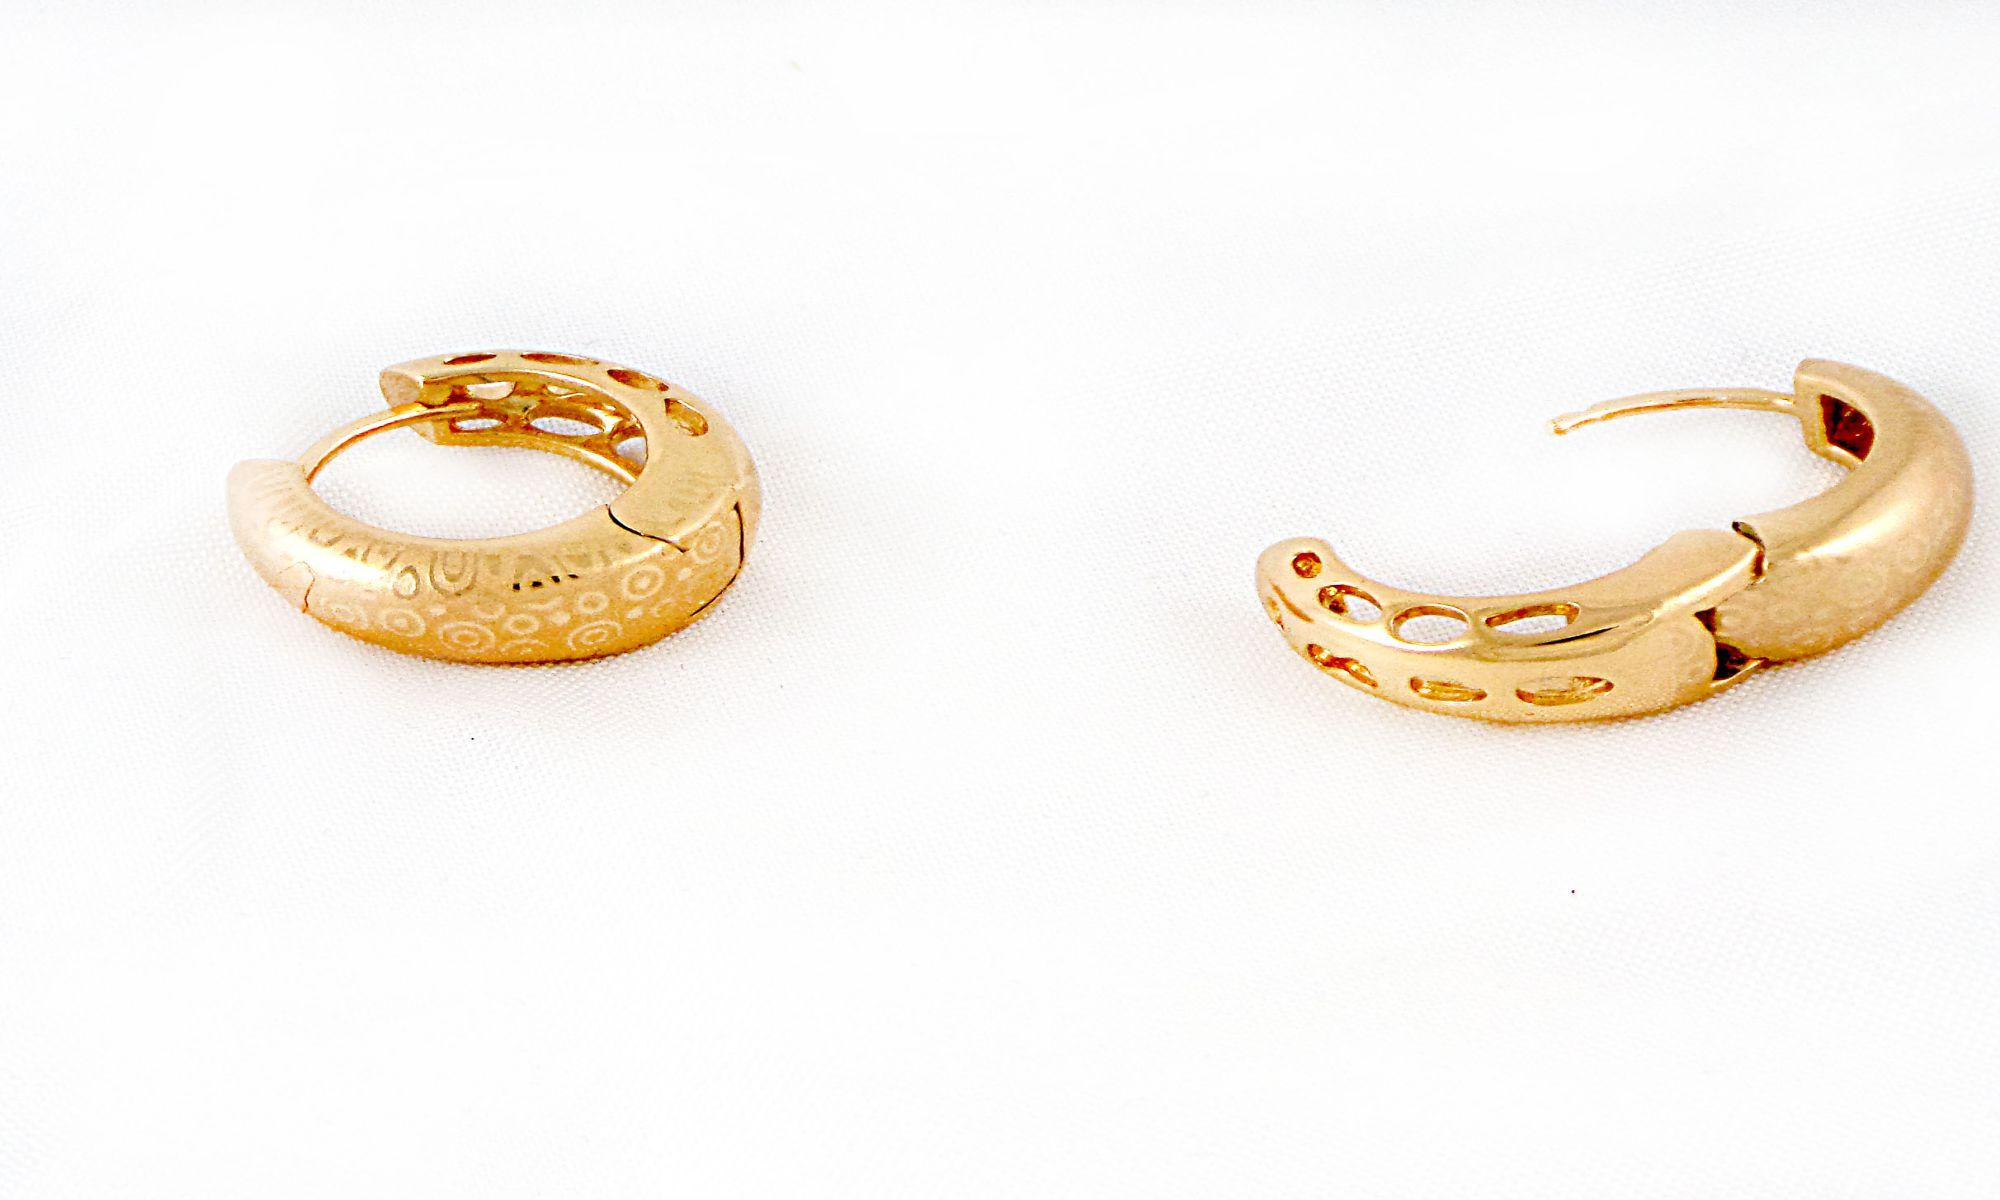 گوشواره حلقه ای  ژوپینگ با قطر 2.5 سانتی و روکش آب طلای 18 عیار er-n125